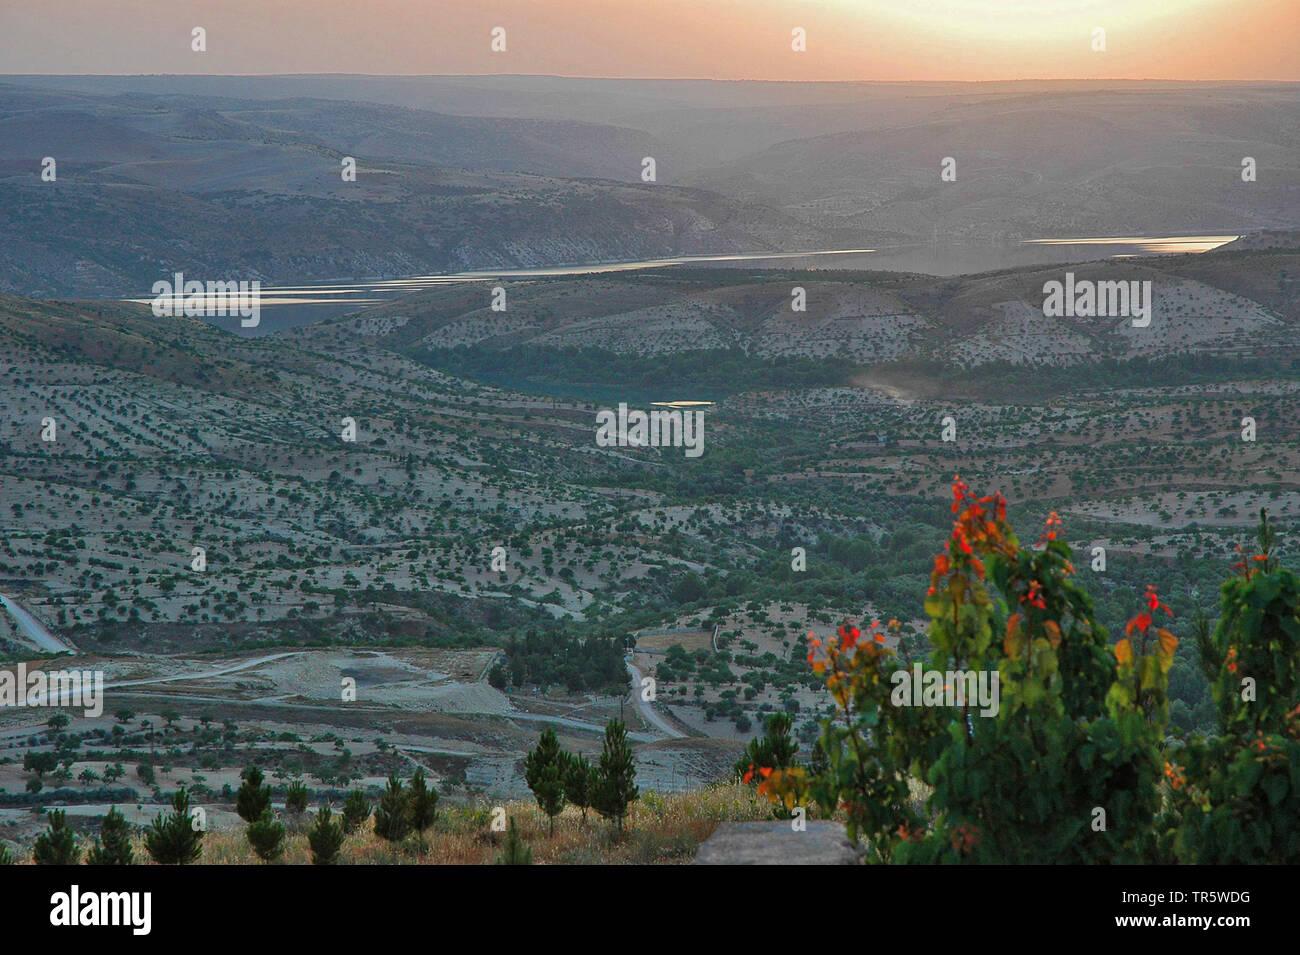 Fluss Euphrat bei Birecik, Tuerkei, Anatolien, Ostanatolien | river Euphrates near Birecik, Turkey, Anatolia, East Anatolia | BLWS466628.jpg [ (c) bli - Stock Image